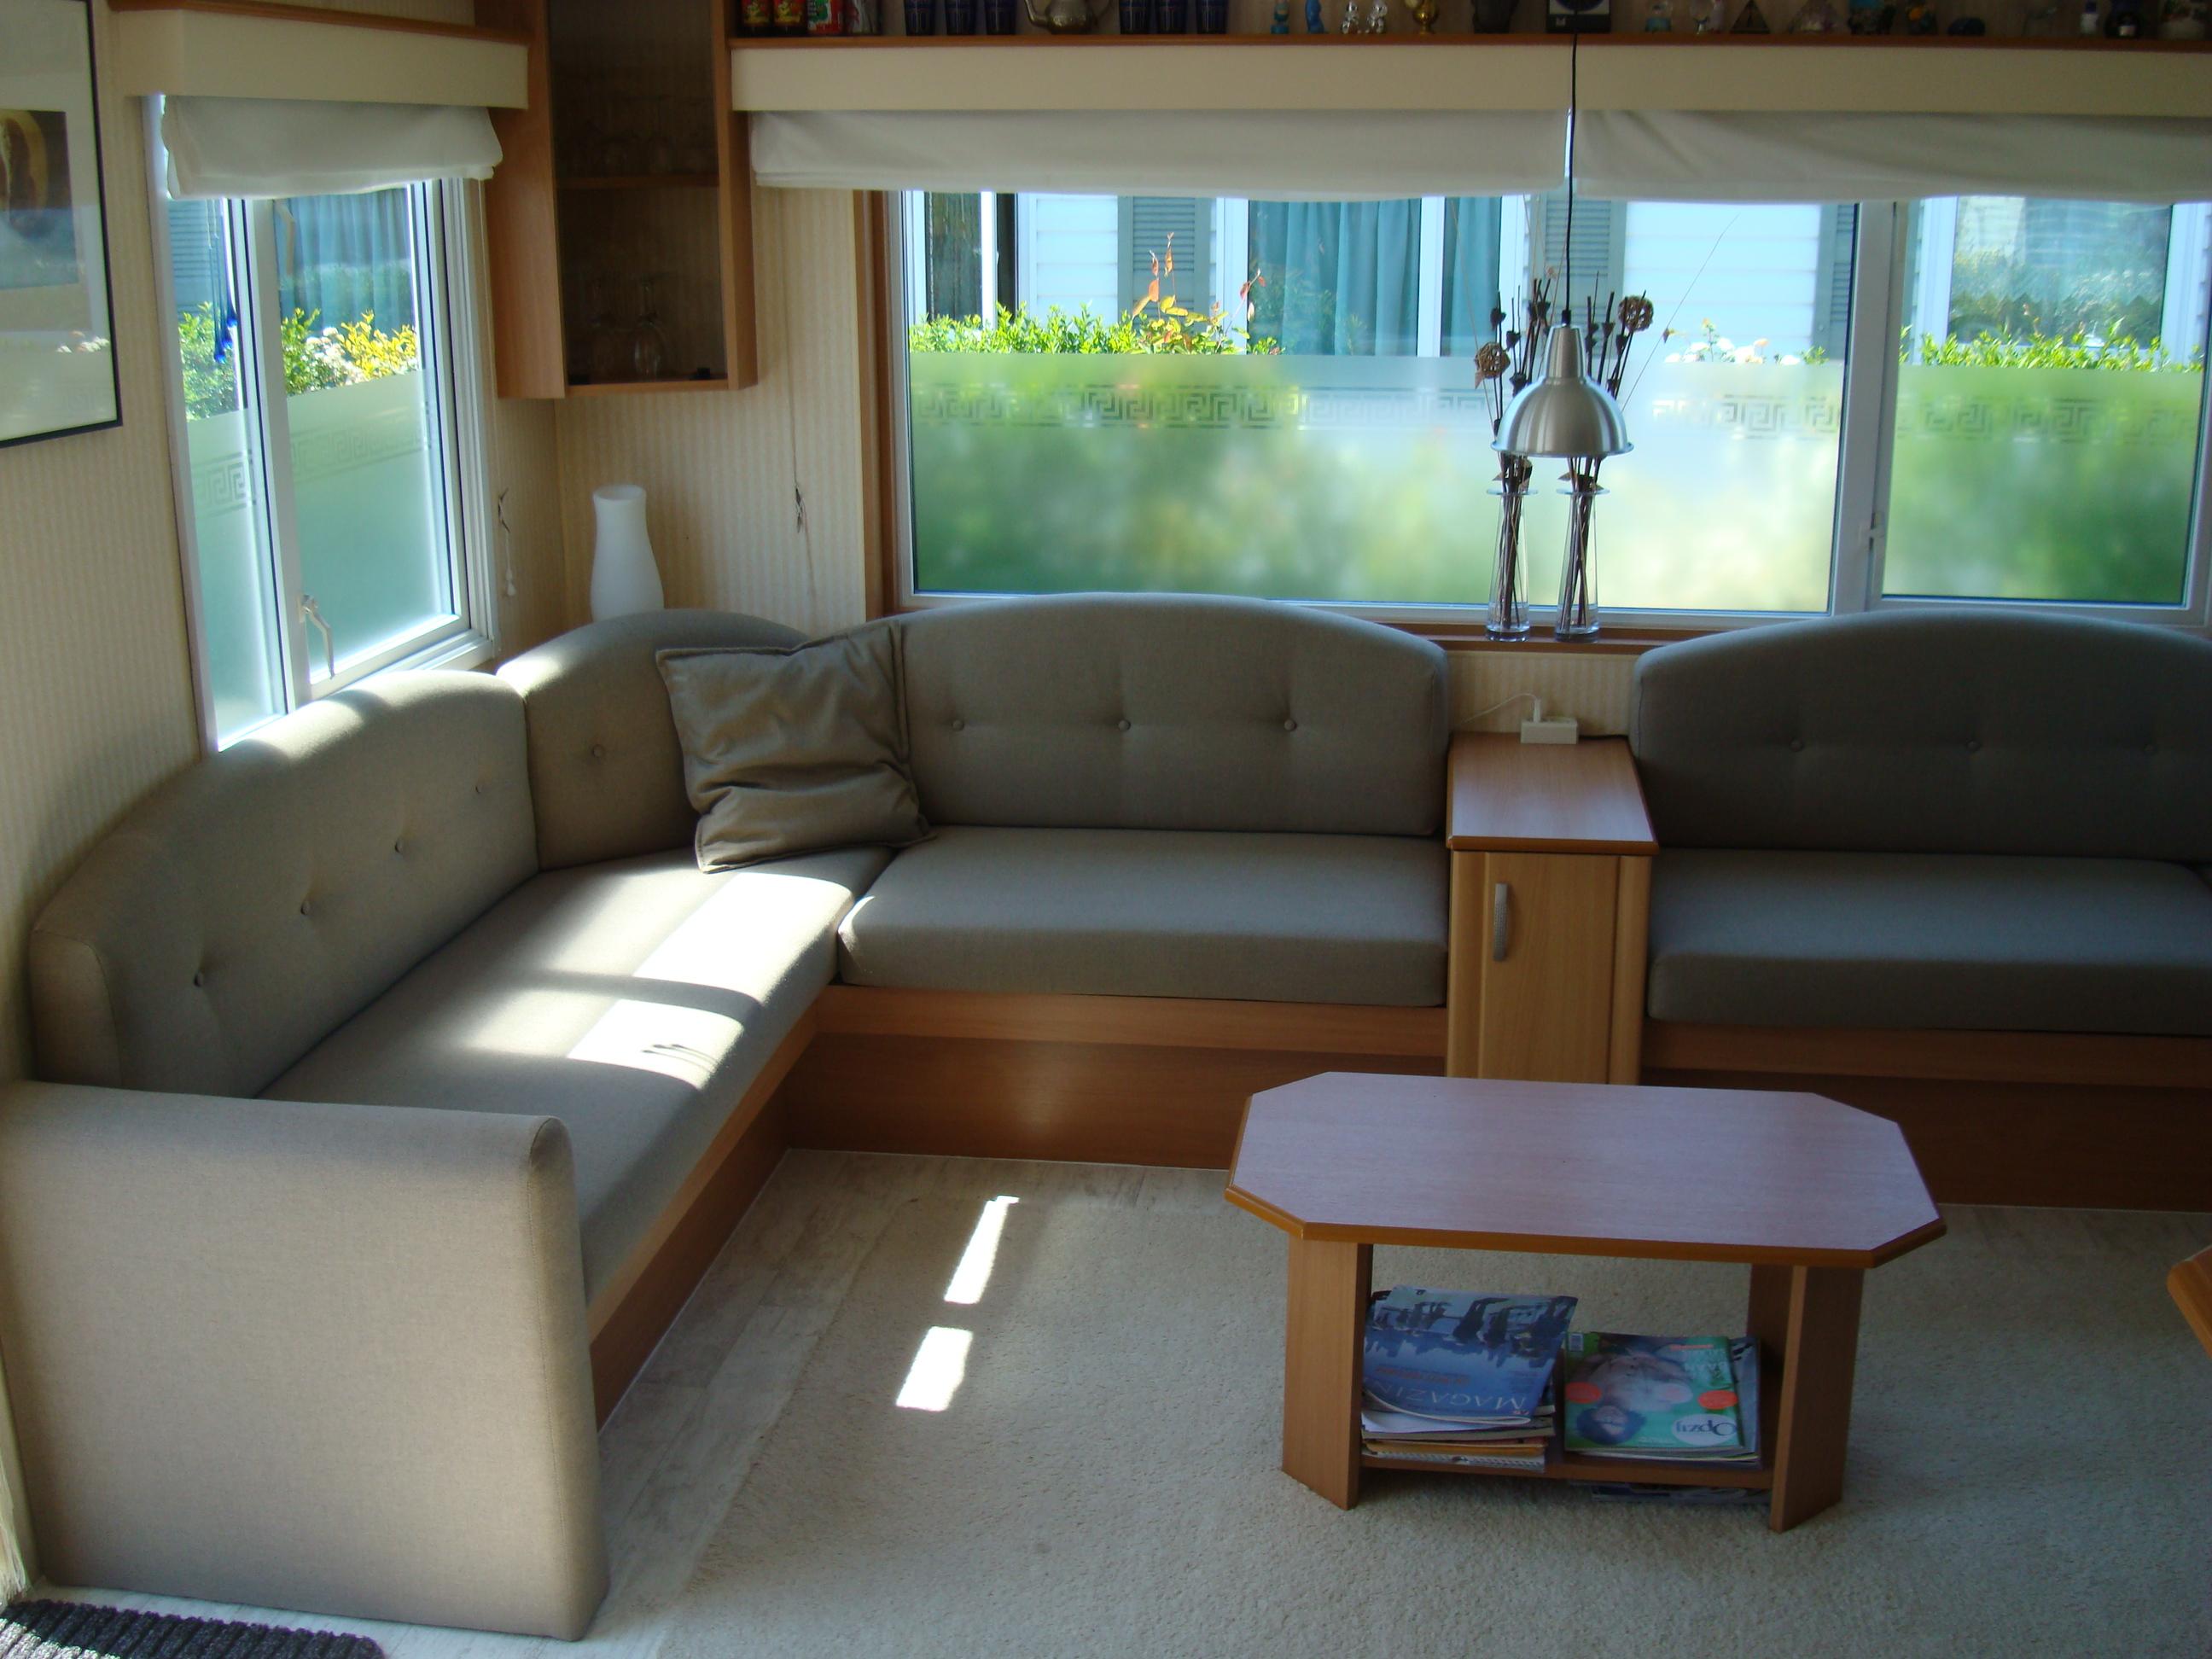 Caravan Kussens Bekleden : T binnenwerk caravan camper kussens